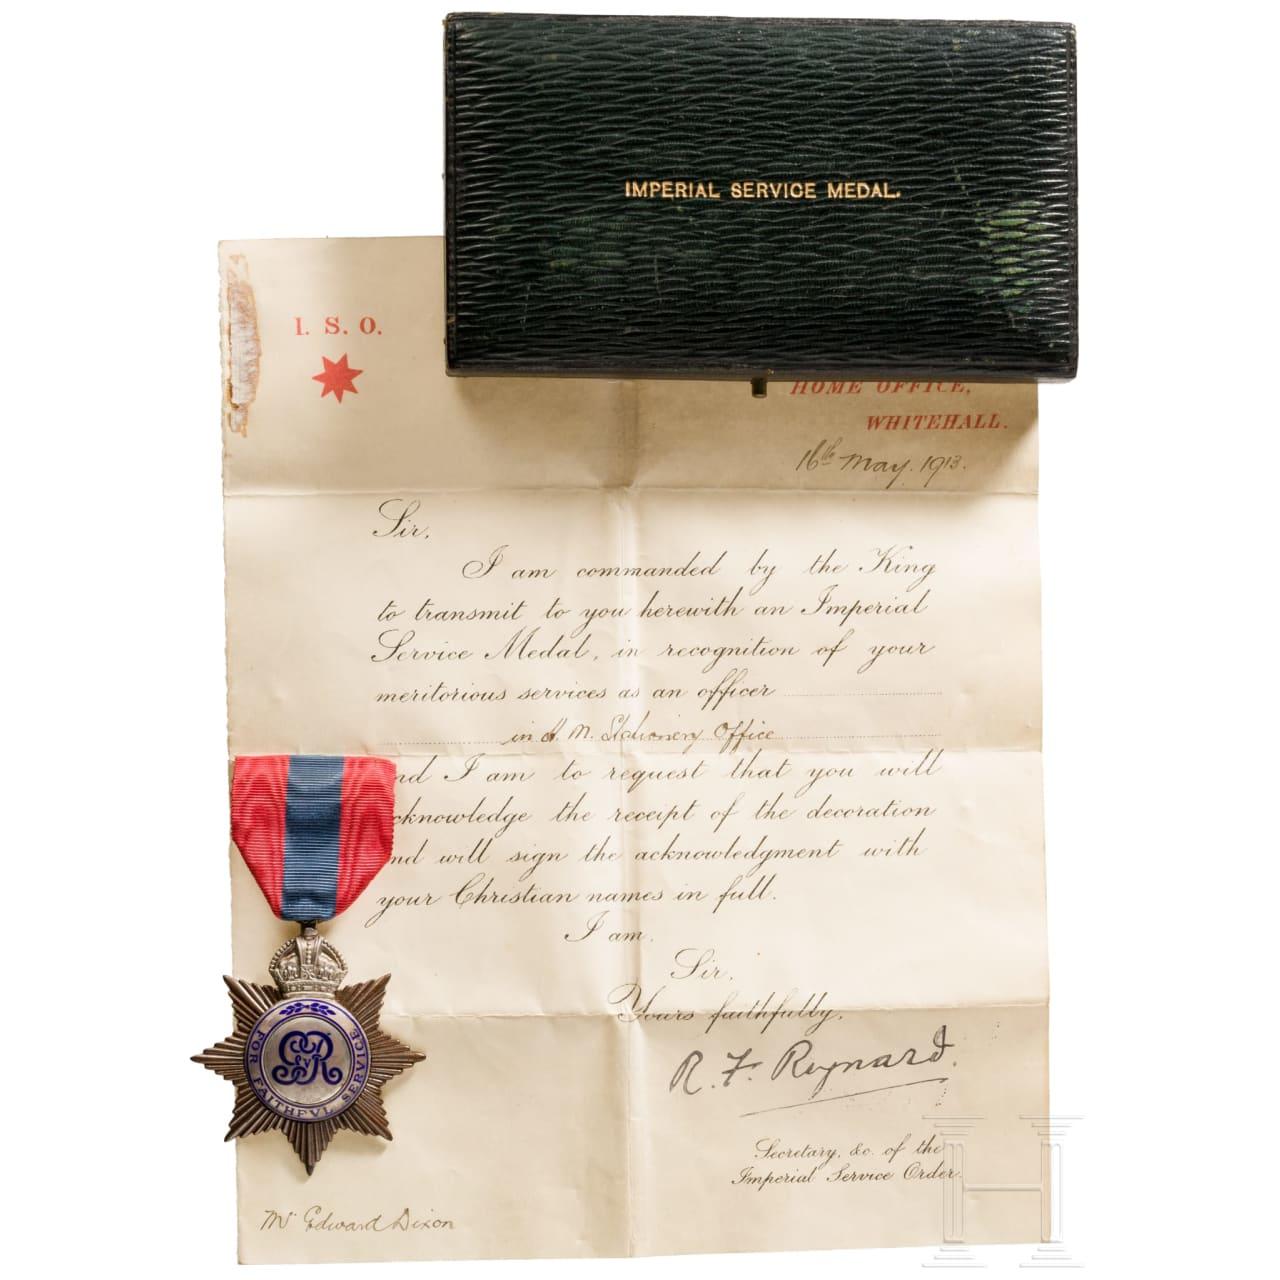 Großbritannien - Imperial Service Medal mit Urkunde, datiert 1913